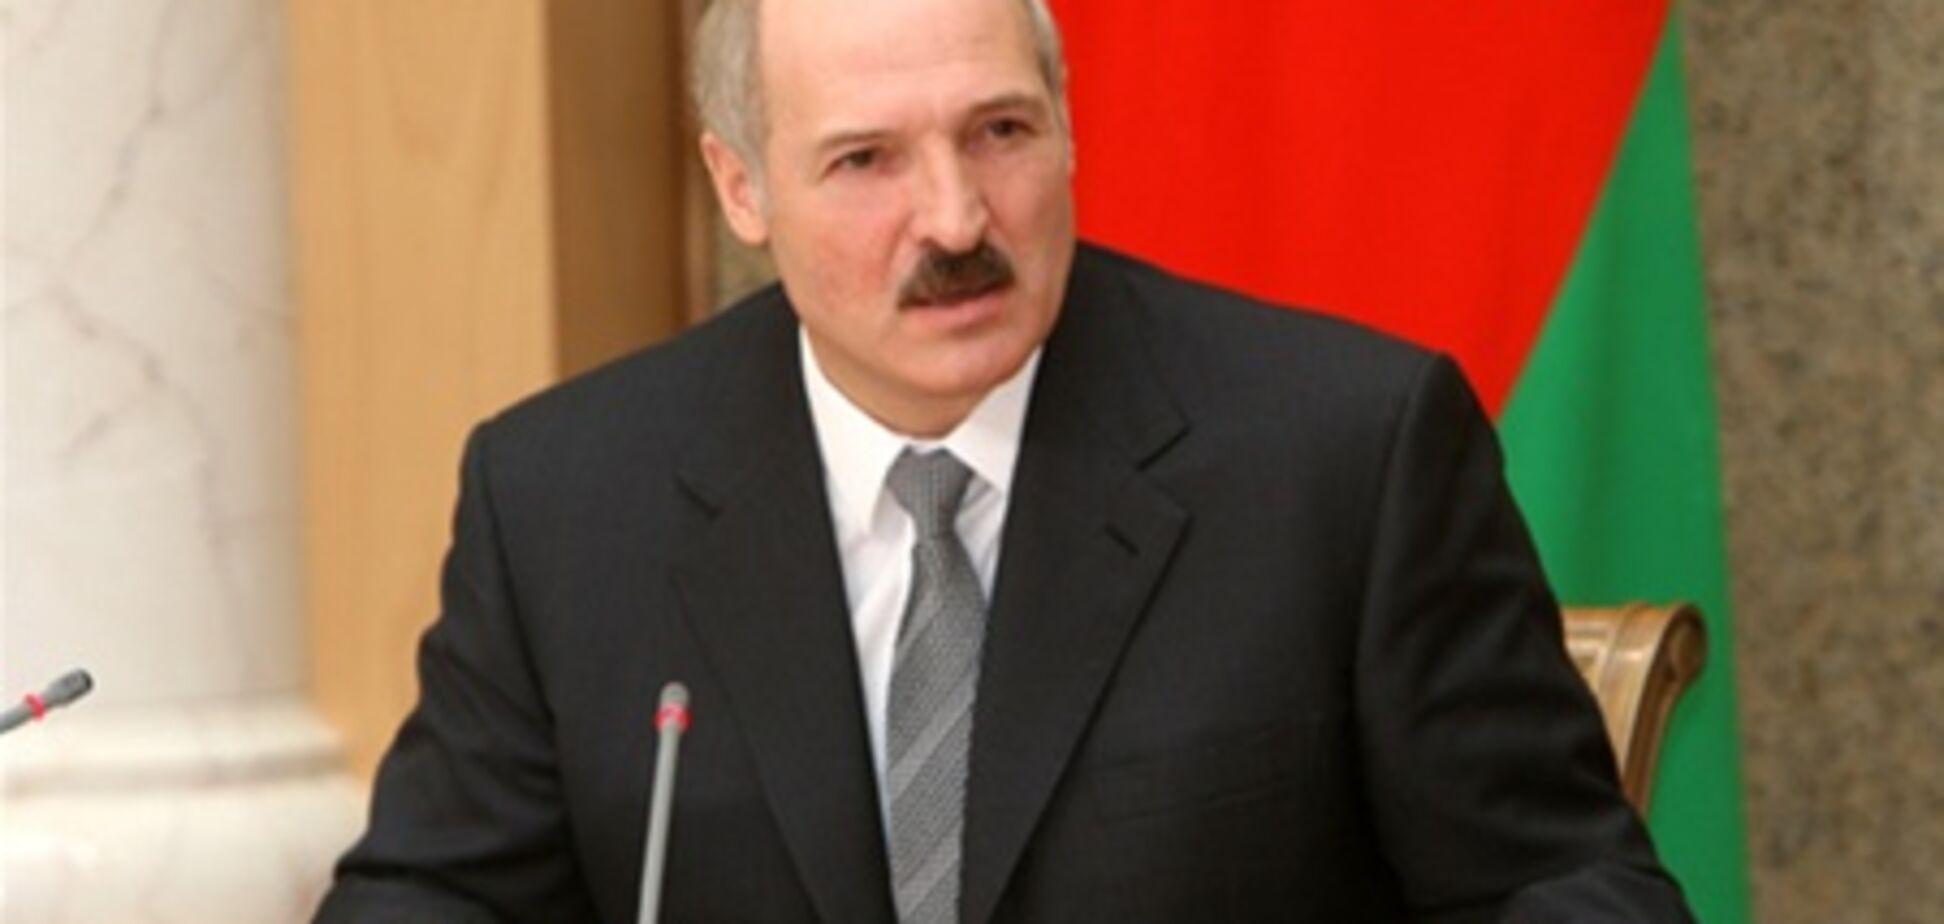 Лукашенко нашел нового крайнего, ответственного за нацвалюту